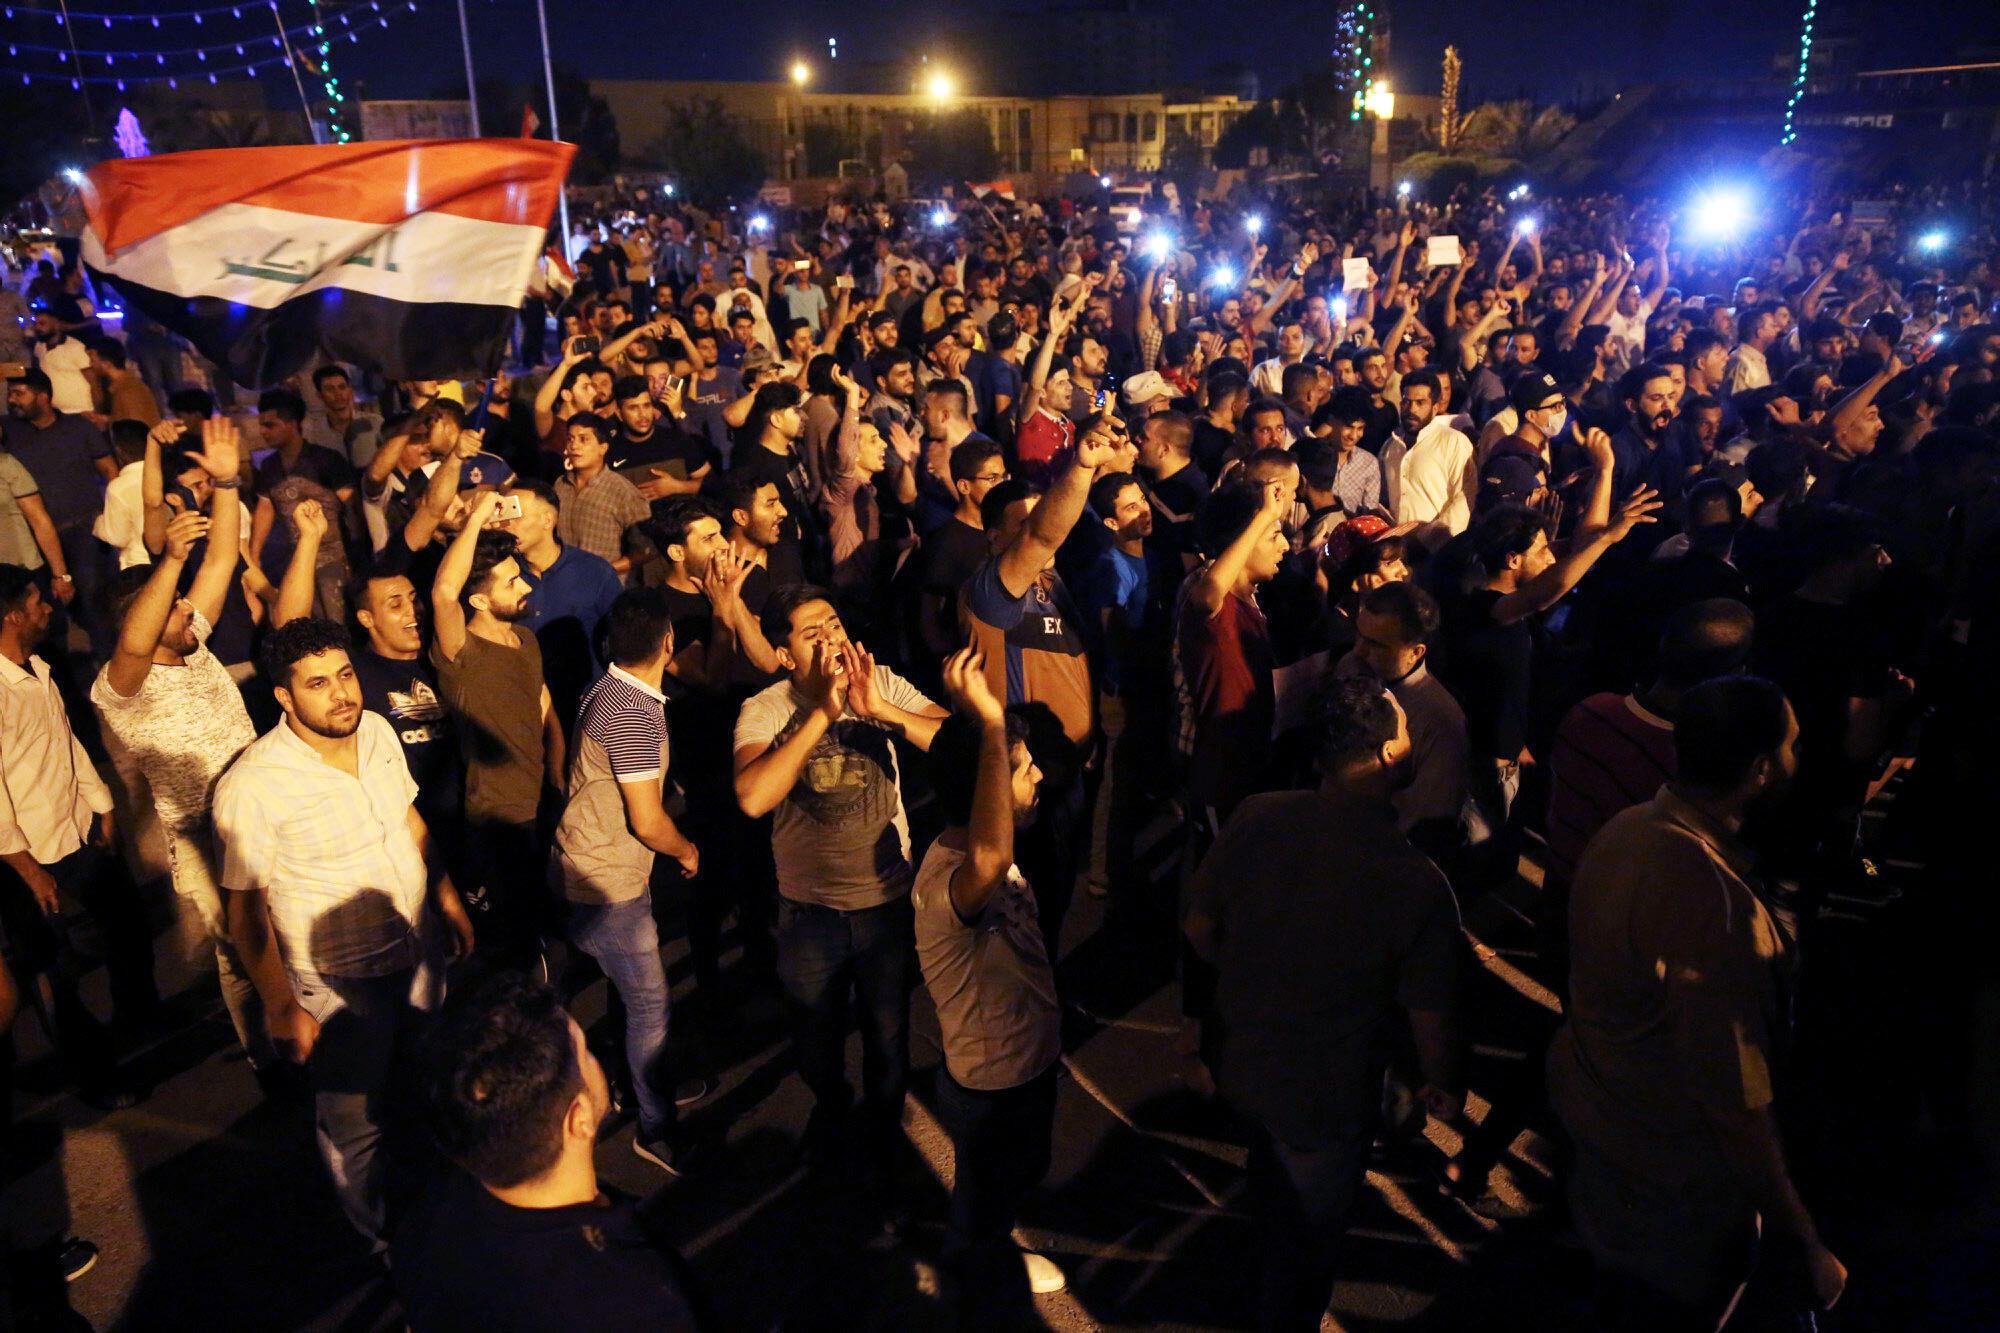 تظاهرات اعتراضی در شهر کربلا. شنبه ۲٣ تیر/ ١٤ ژوئیه ٢٠۱٨